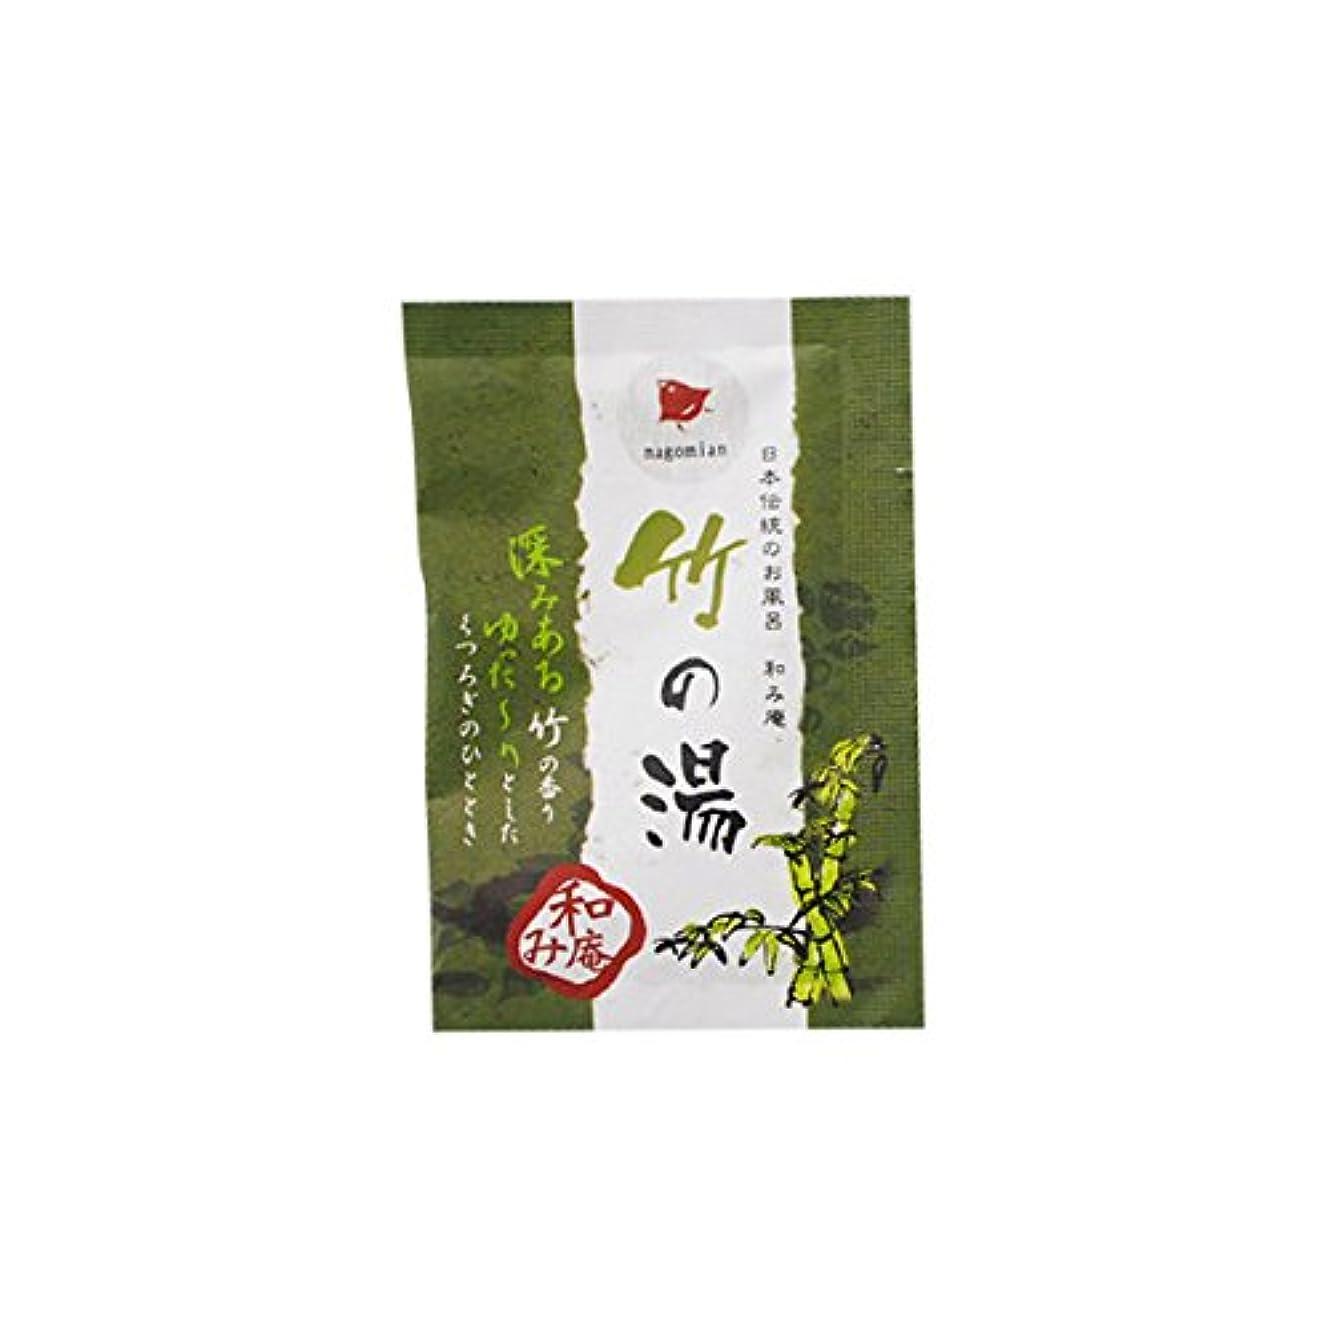 和み庵 入浴剤 「竹の湯」30個